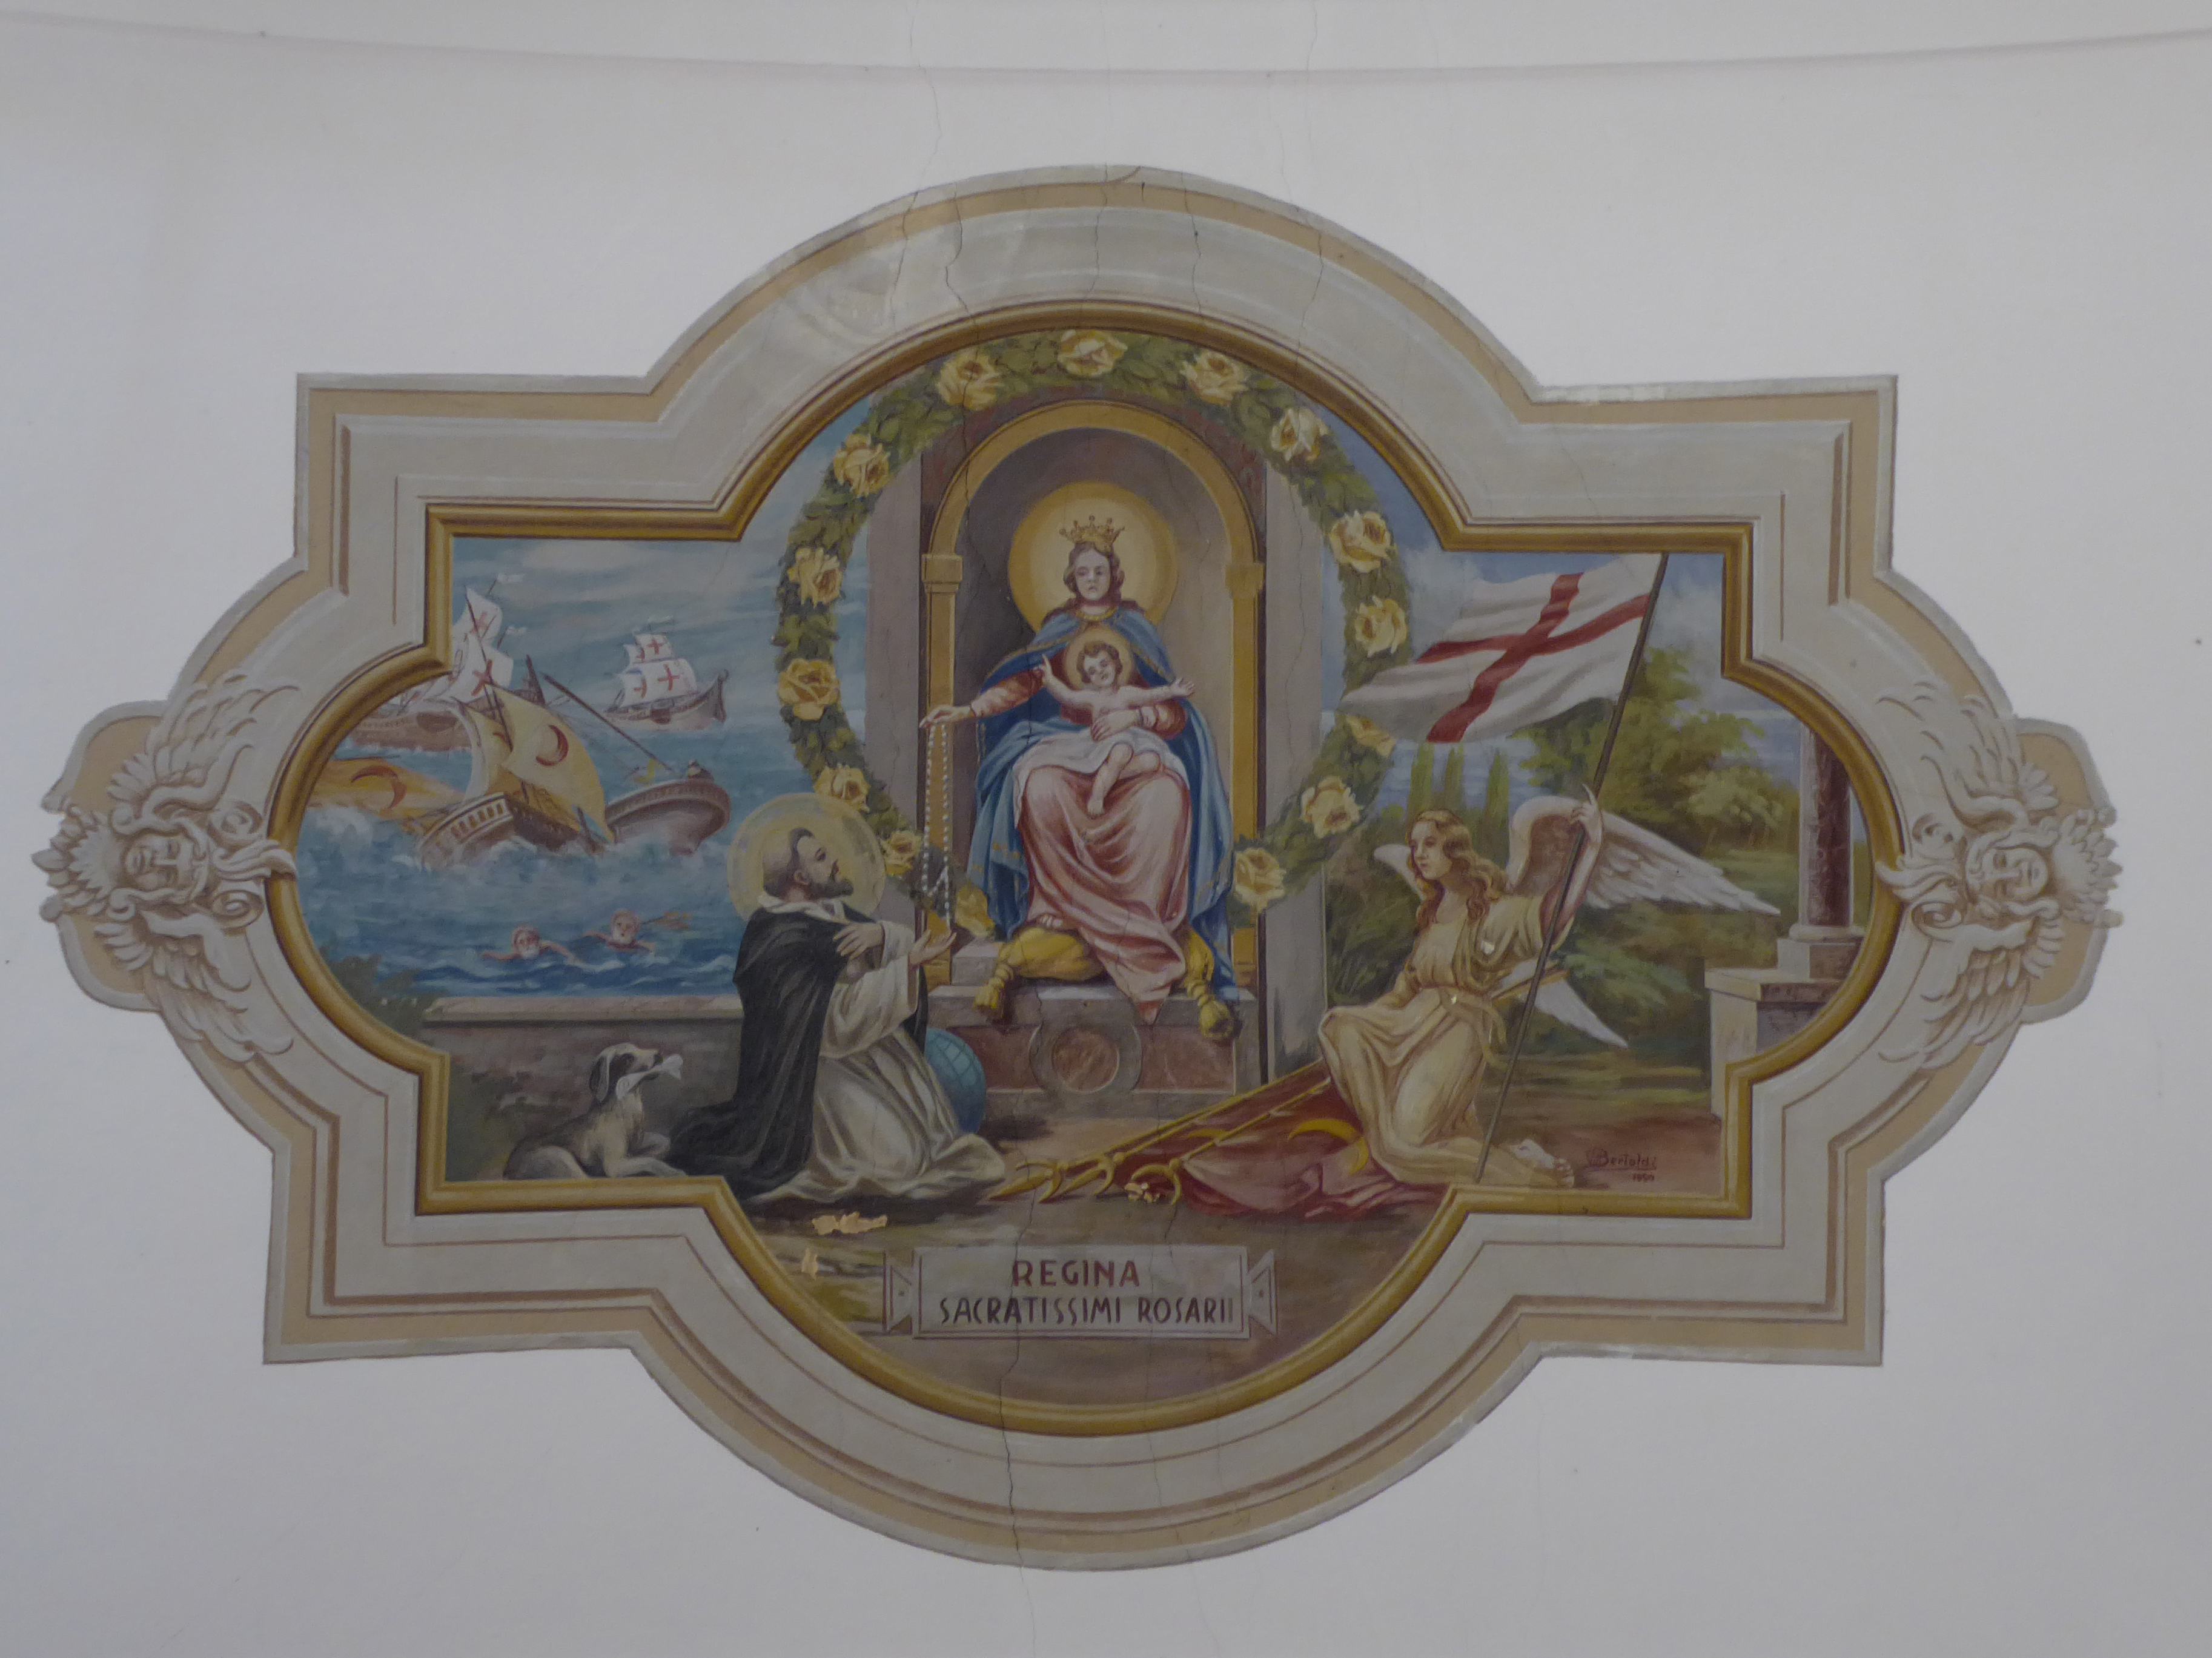 Mala di Sant%27Orsola%2C chiesa di San Michele%2C interno   Affresco Maria Regina del Rosario - Trentino Alto Adige  2 - 11 Agosto